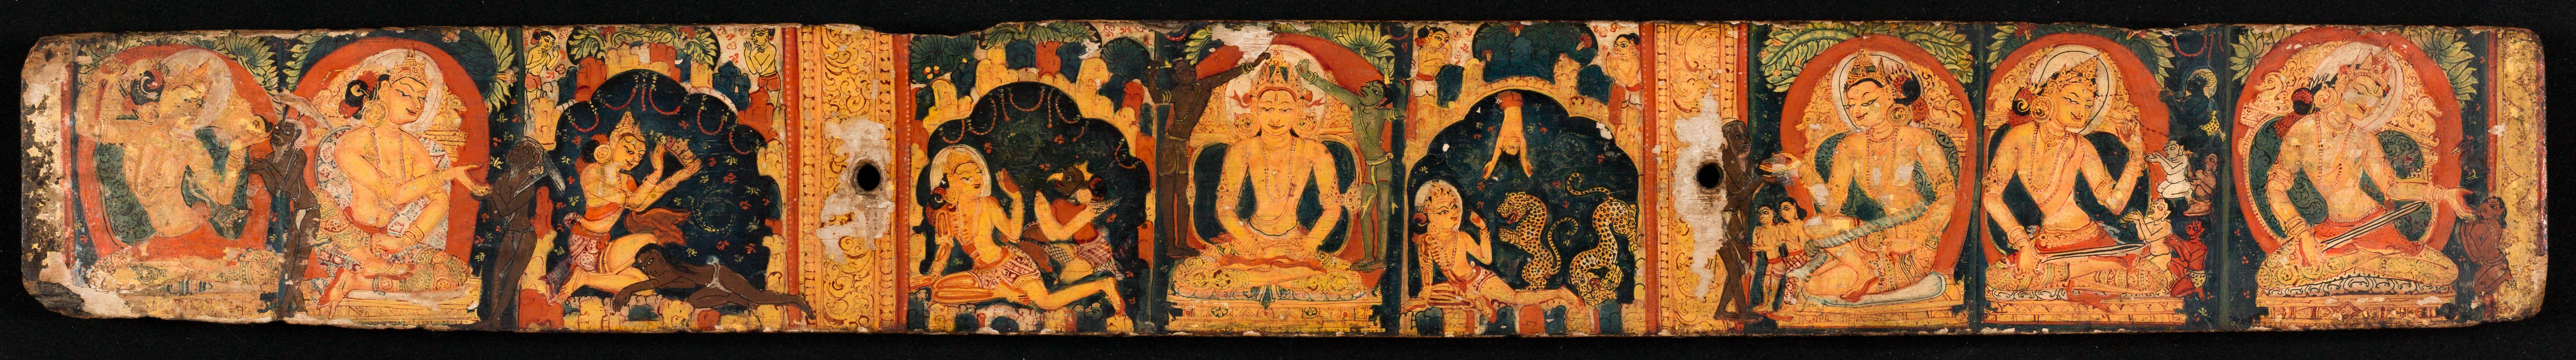 Ais représentant les Vies anterieures du buddha